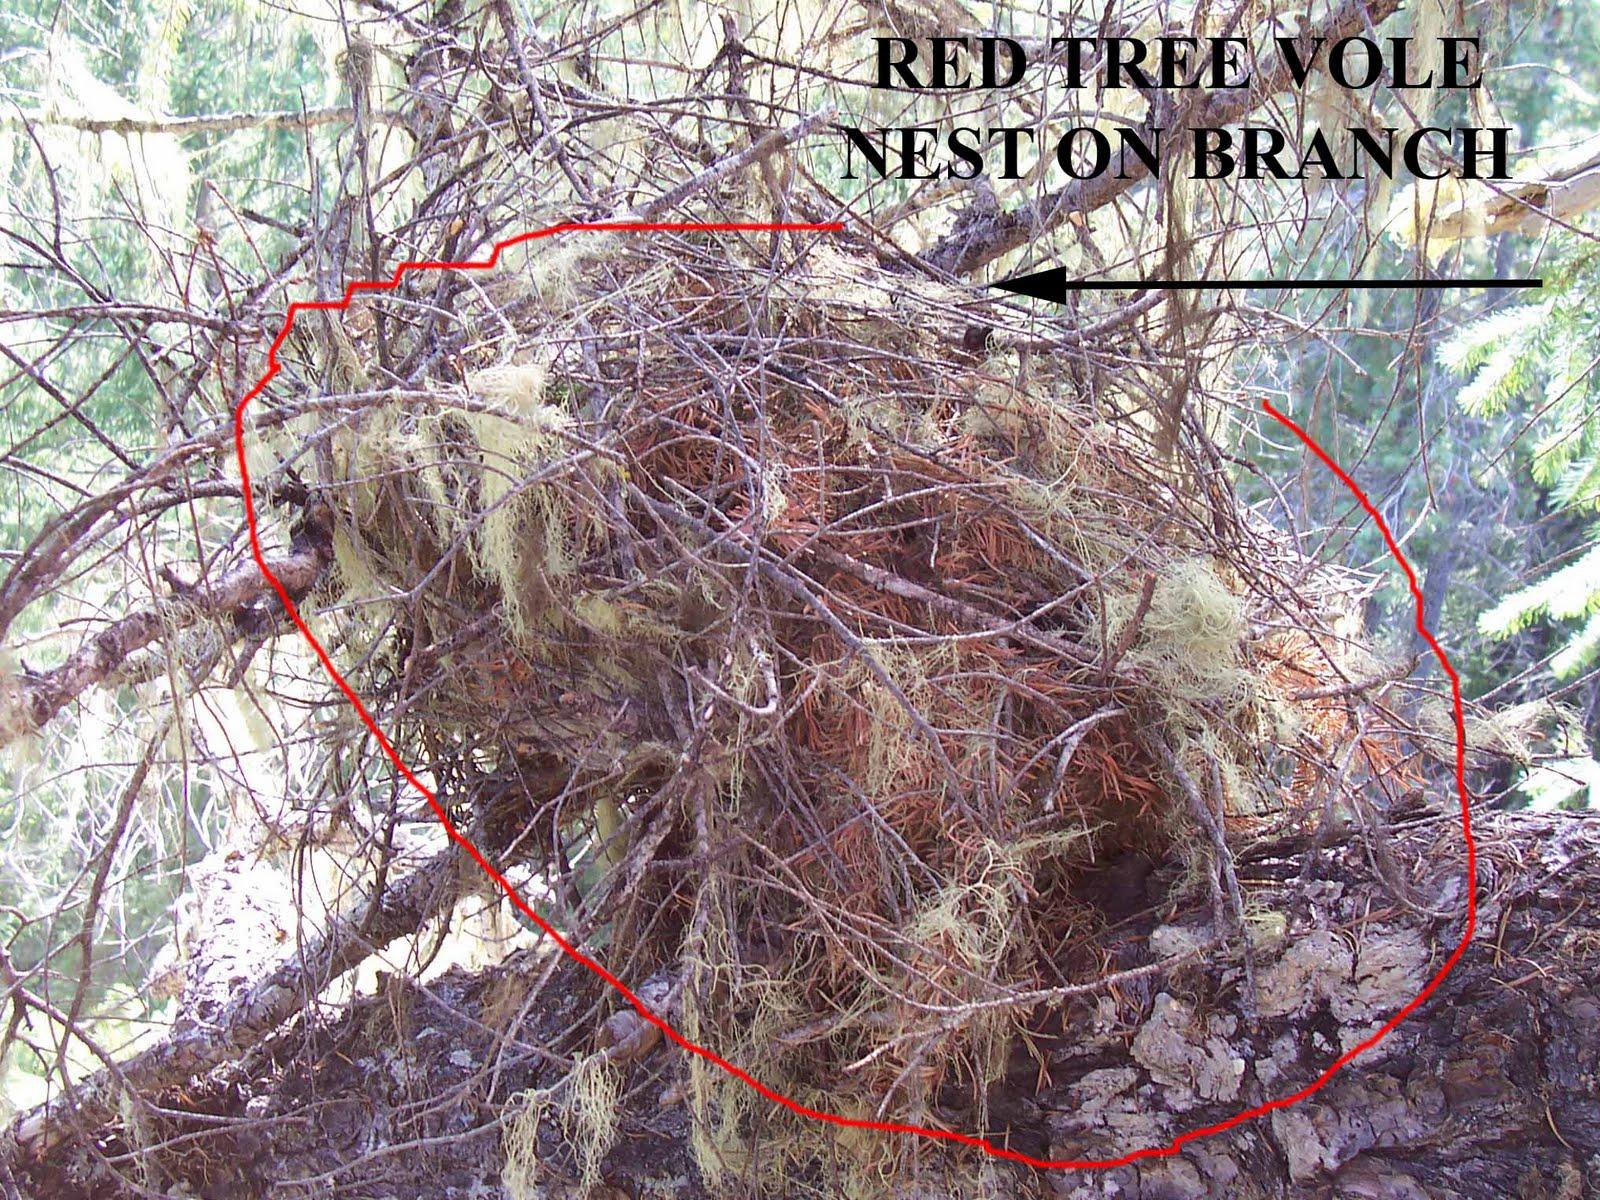 Red Tree Vole